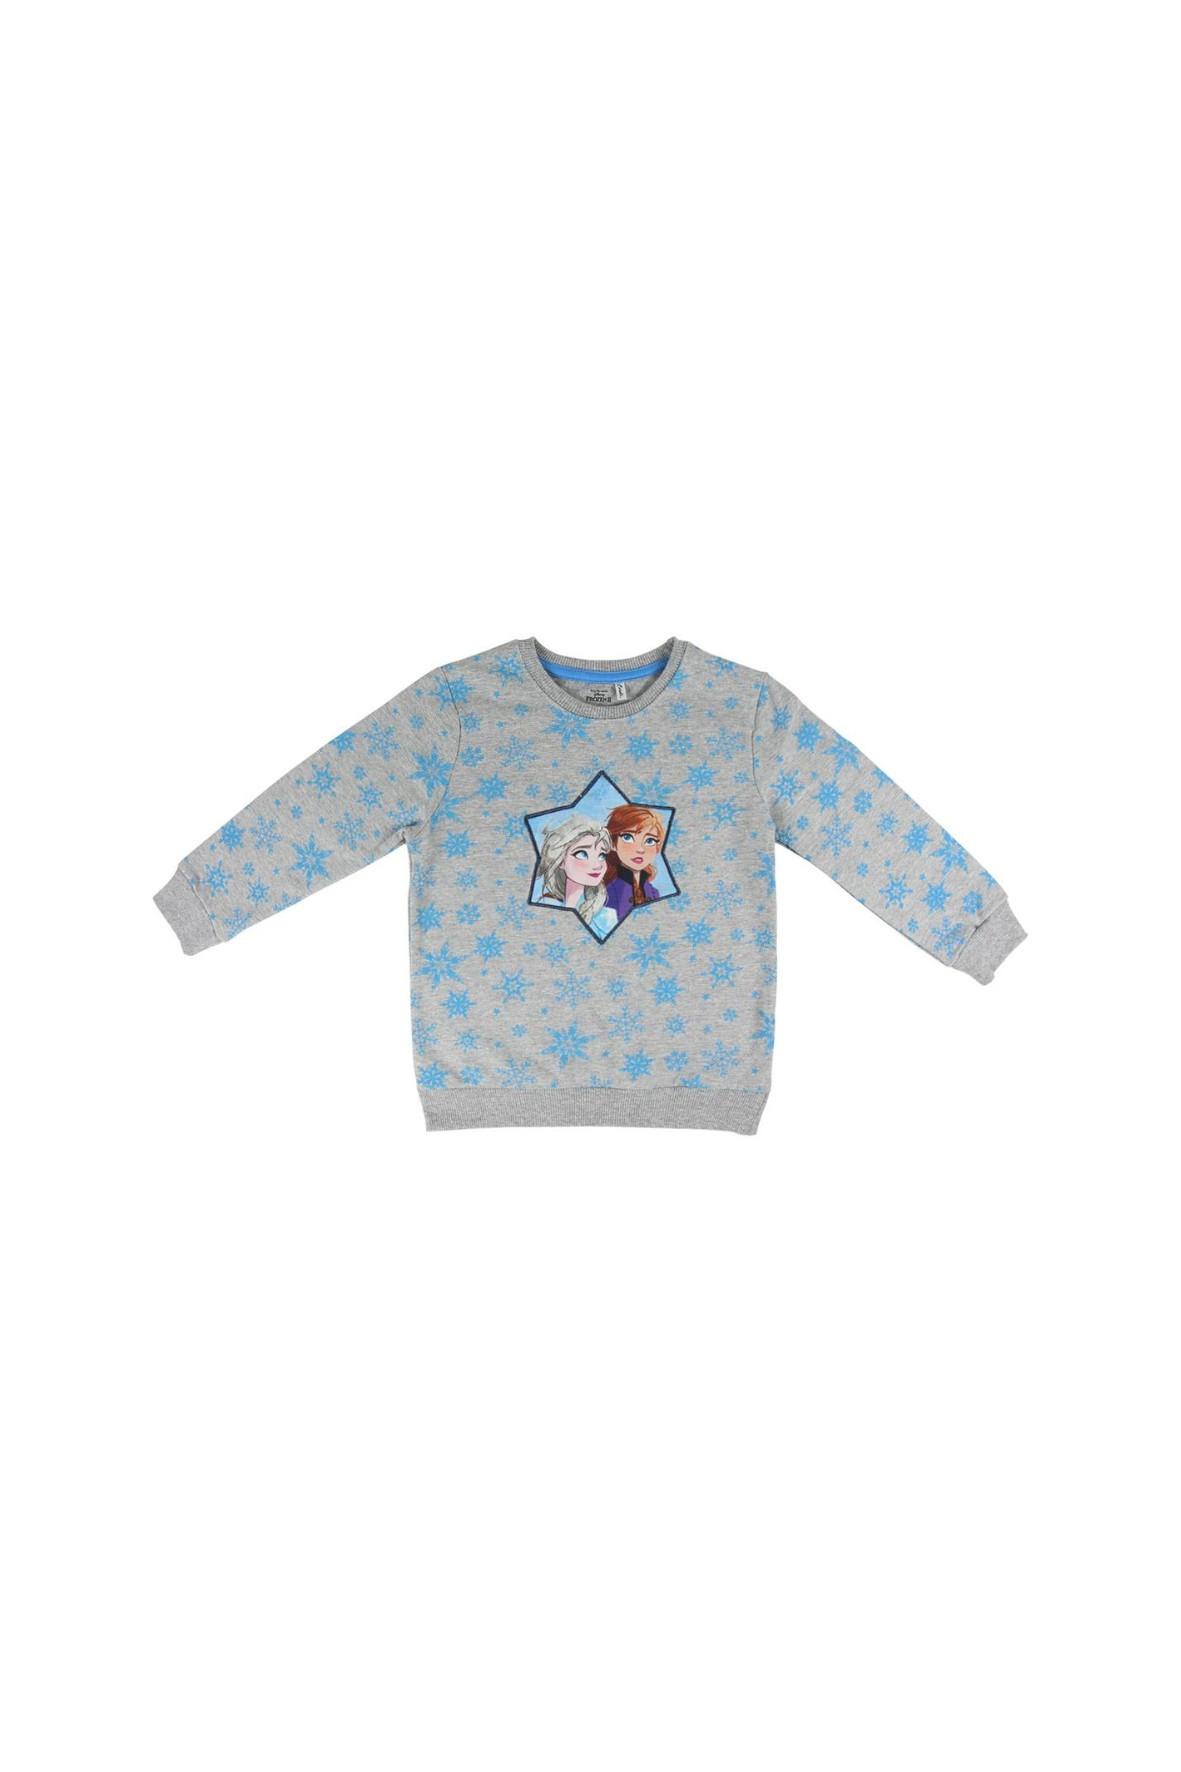 Bluza dresowa dziewczęca Frozen 2 - szara w gwiazdki